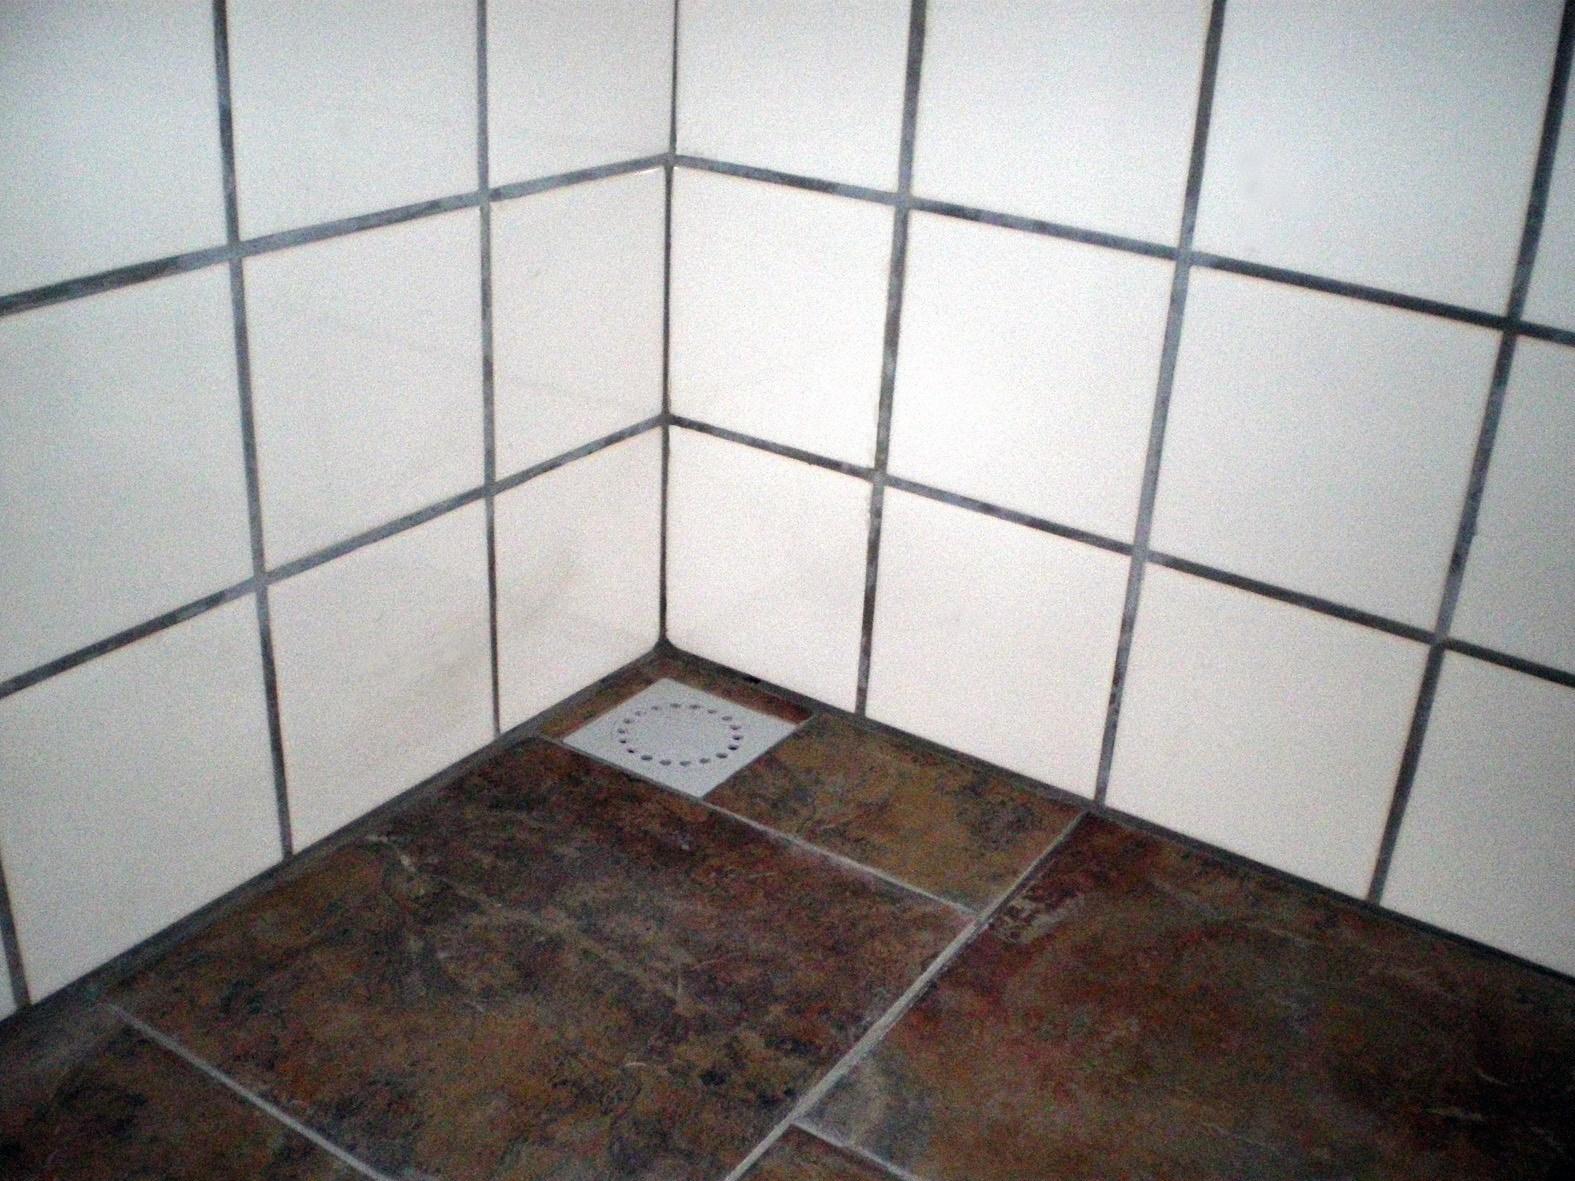 Goedkope Nieuwe Badkamer : De nieuwe water weg de renovatieput voor goedkope en probleemloze